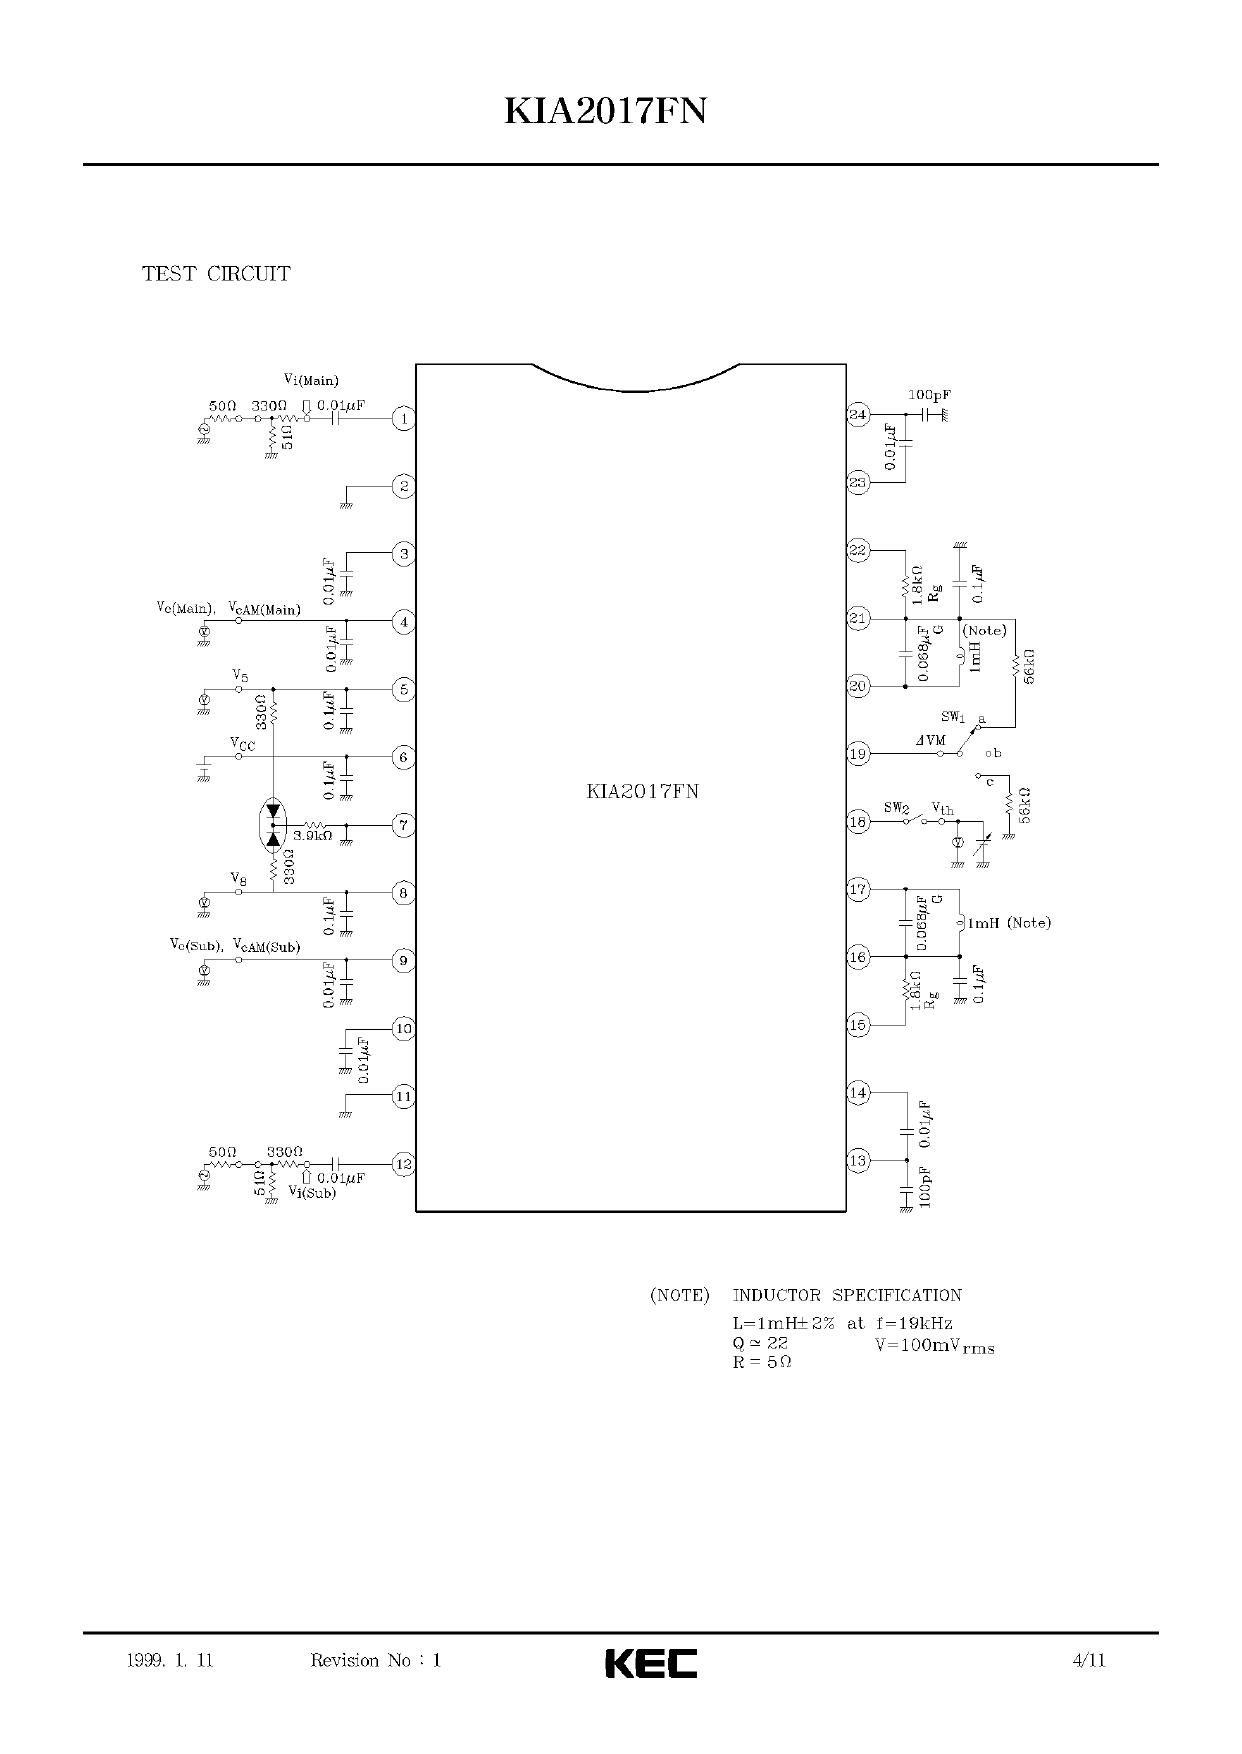 KIA2017FN pdf, 반도체, 판매, 대치품